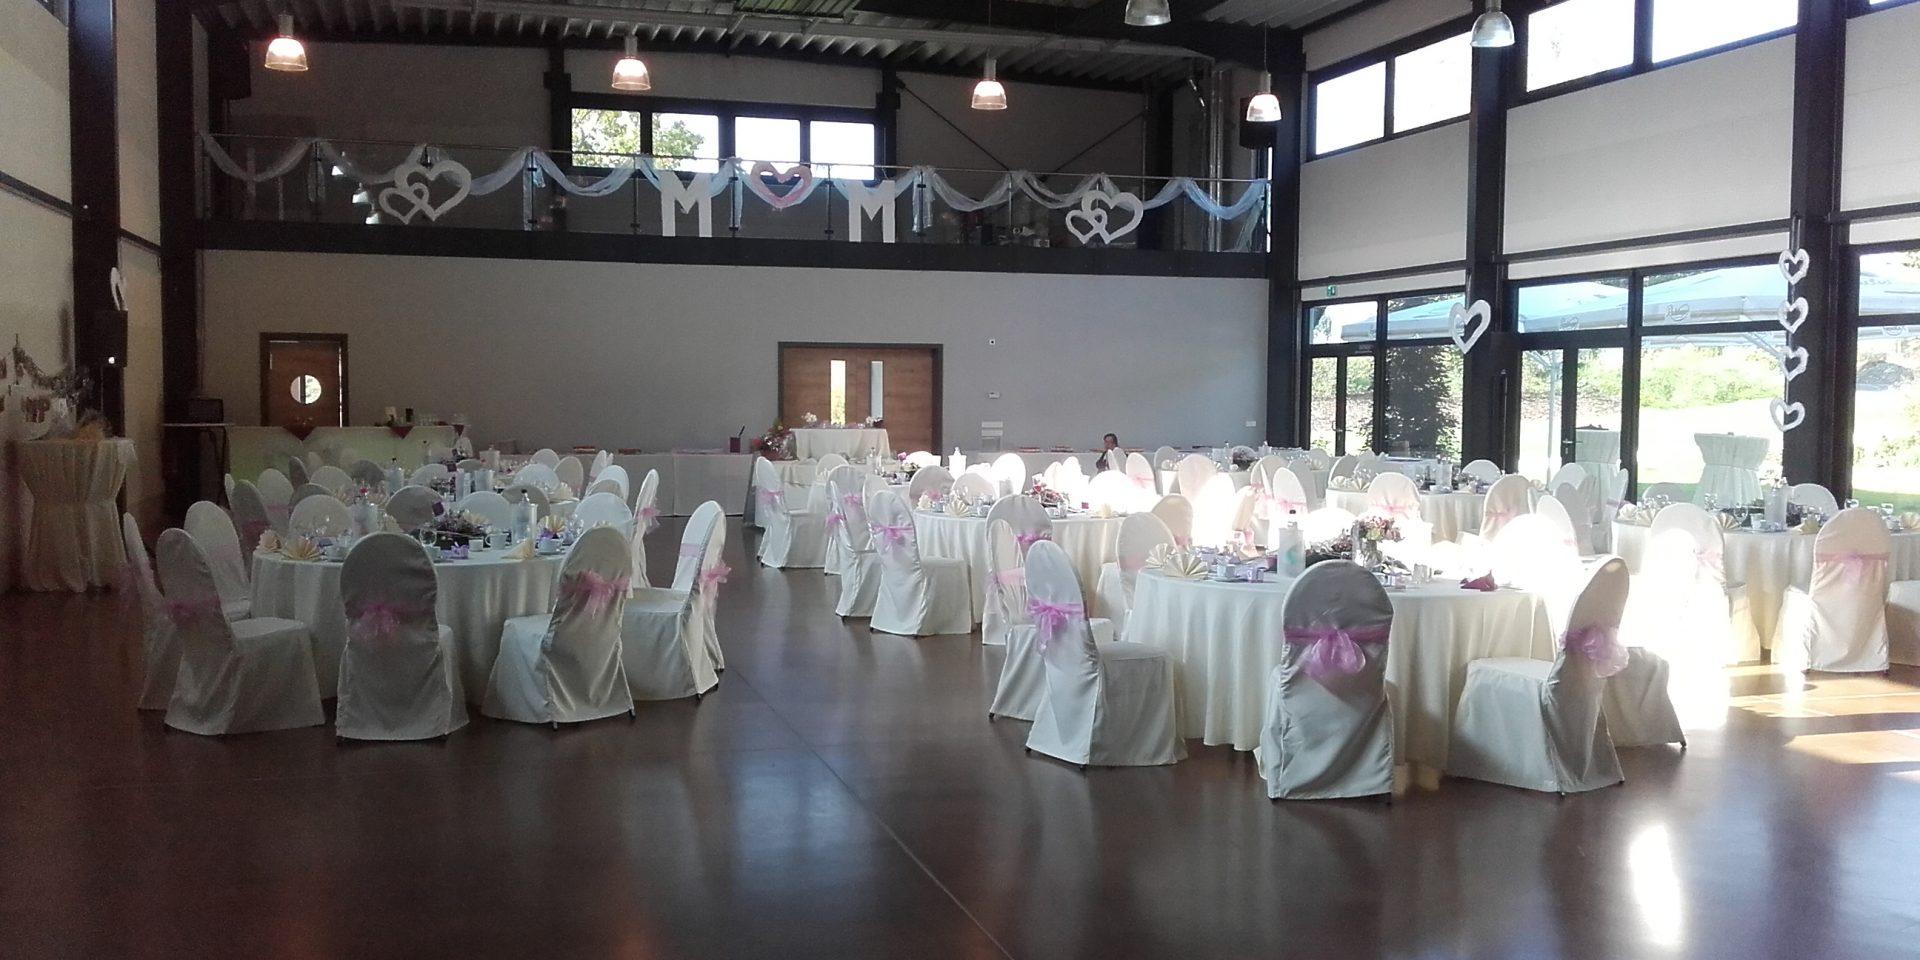 Bogen-Event-Halle mit Tanzfläche für bis zu 120 Personen